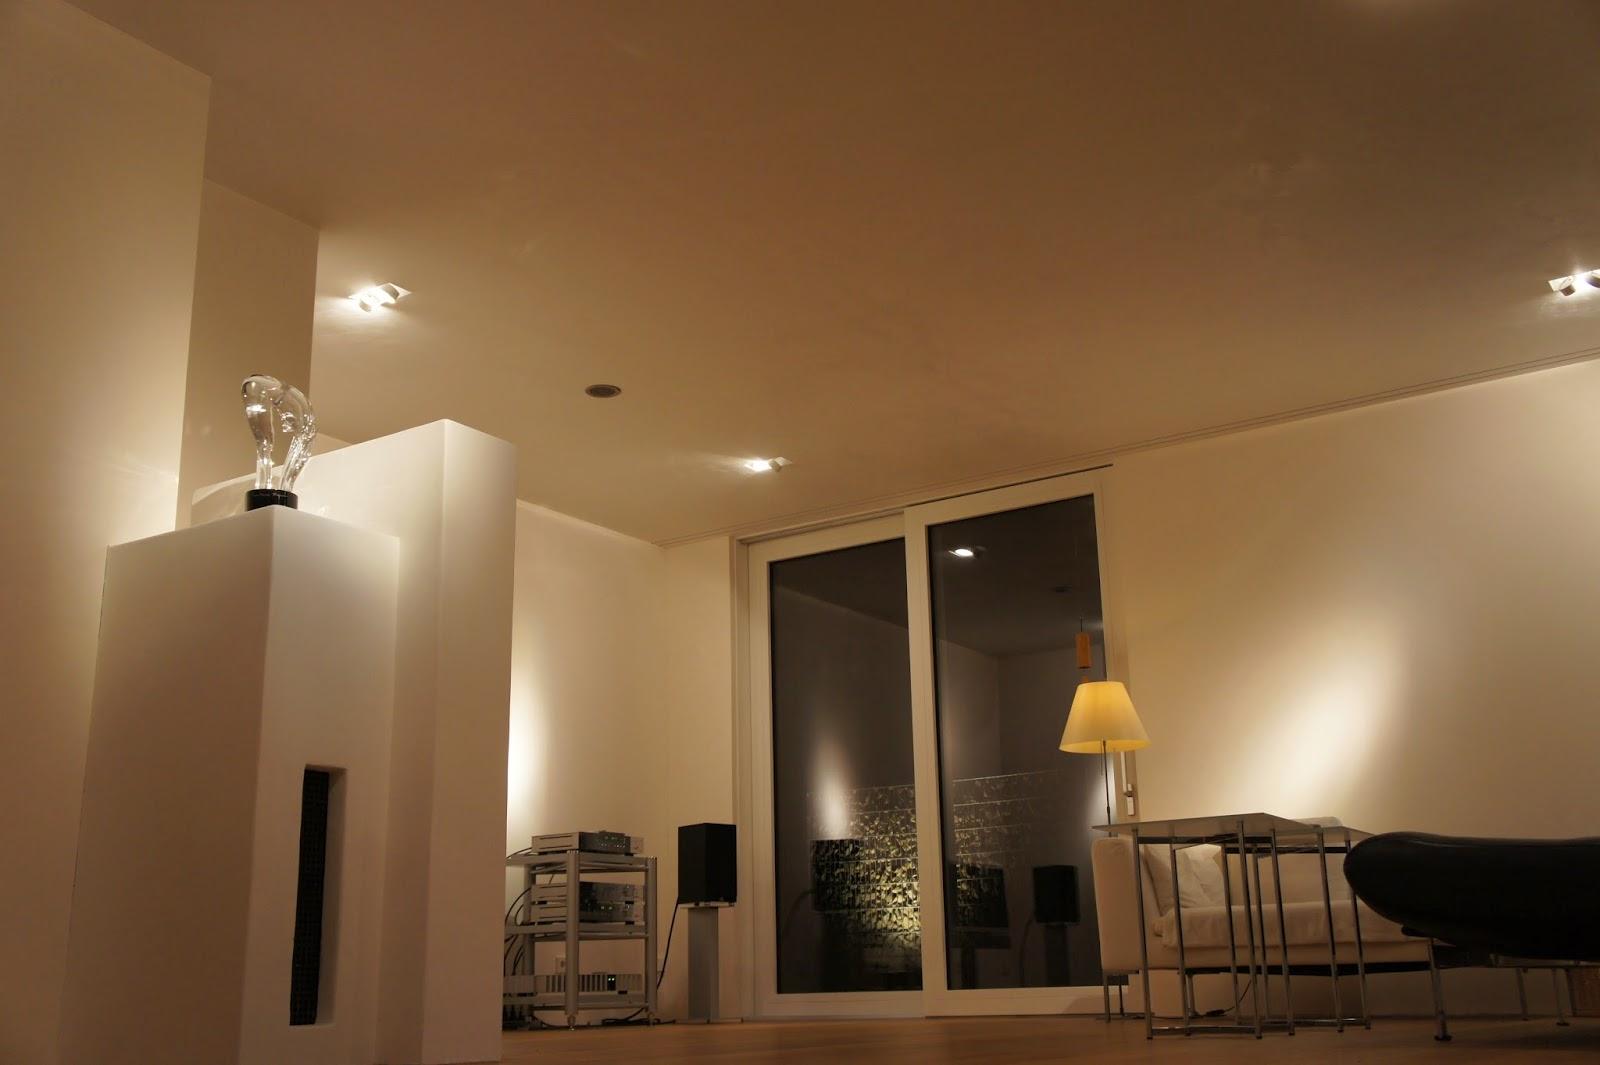 Hausbau Lichtplanung Modell : Lichtplanung im privat bereich einfamilienhaus wir planen ihr